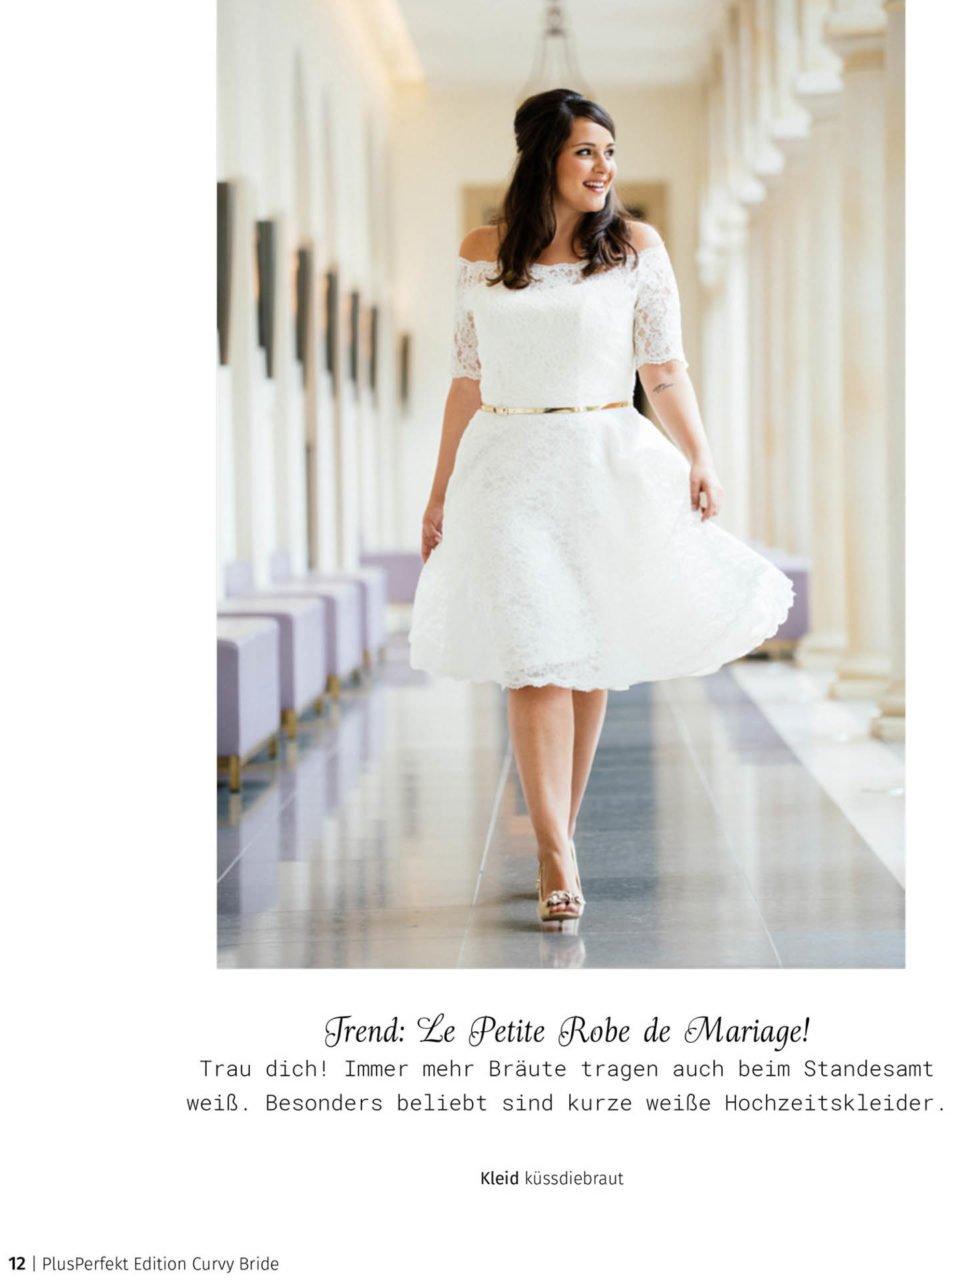 Kurzes Vintage Brautkleid in der Curvy Bride Edition